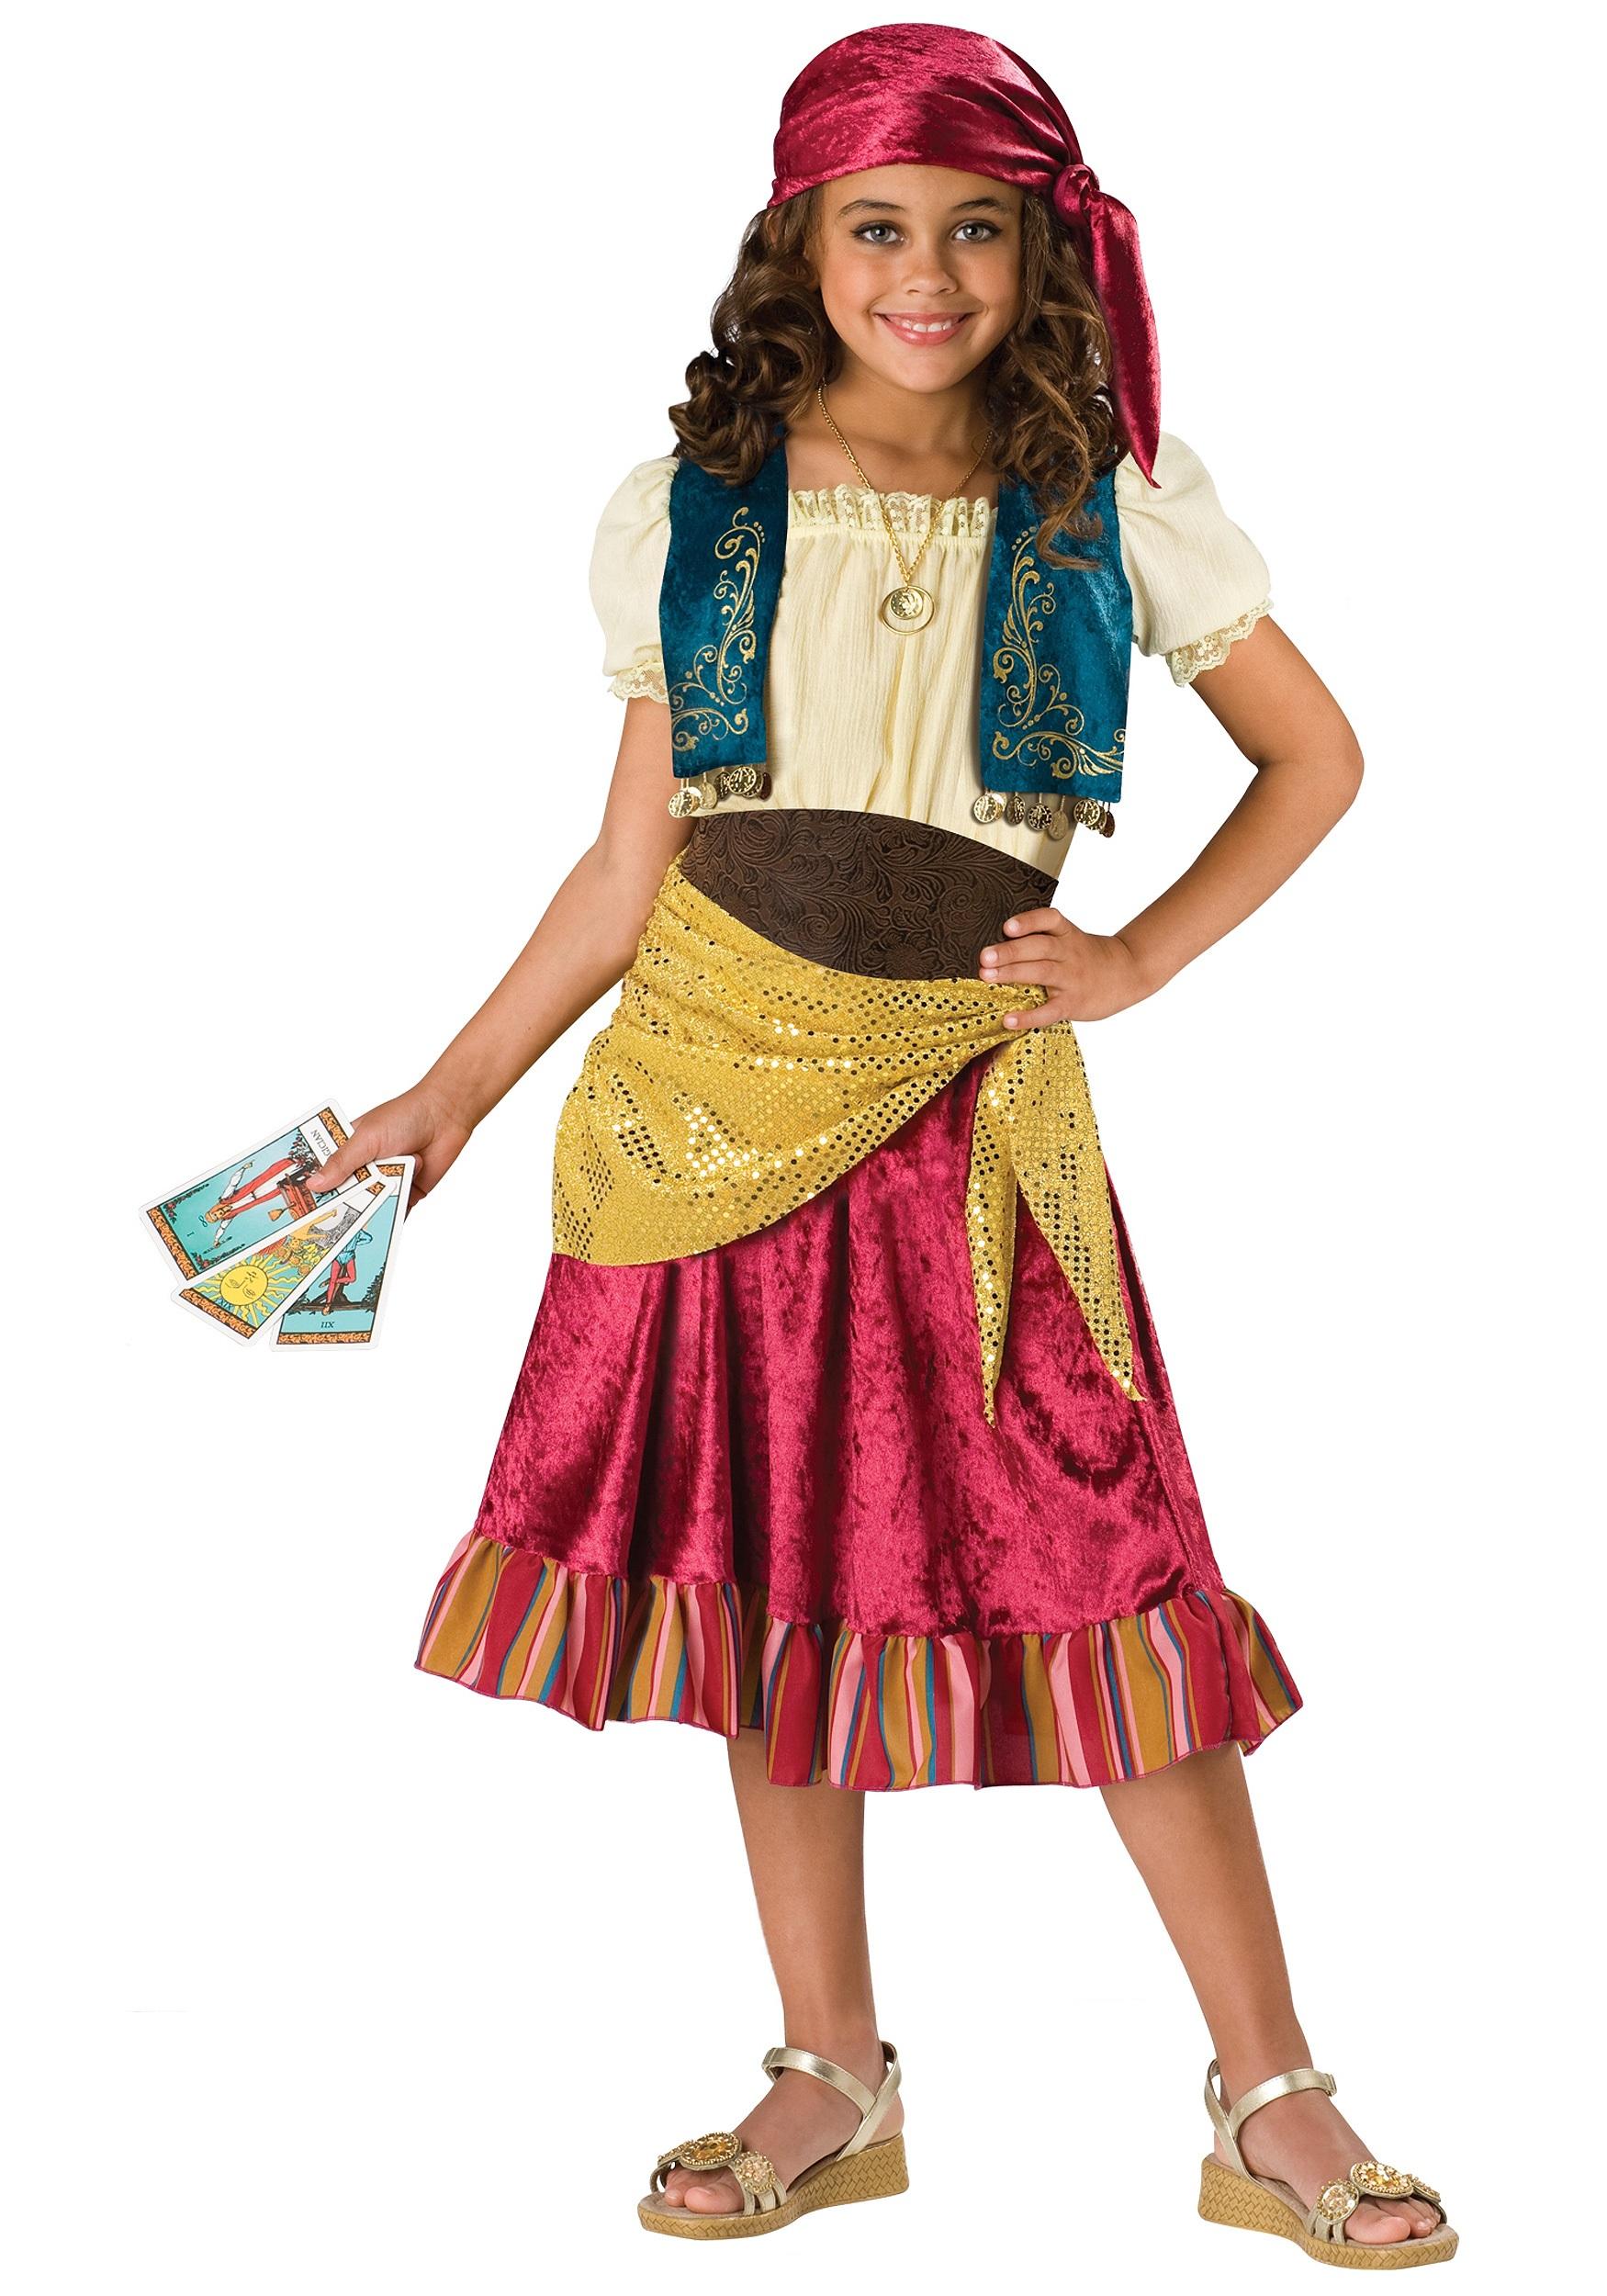 fantasia cigana Infantil